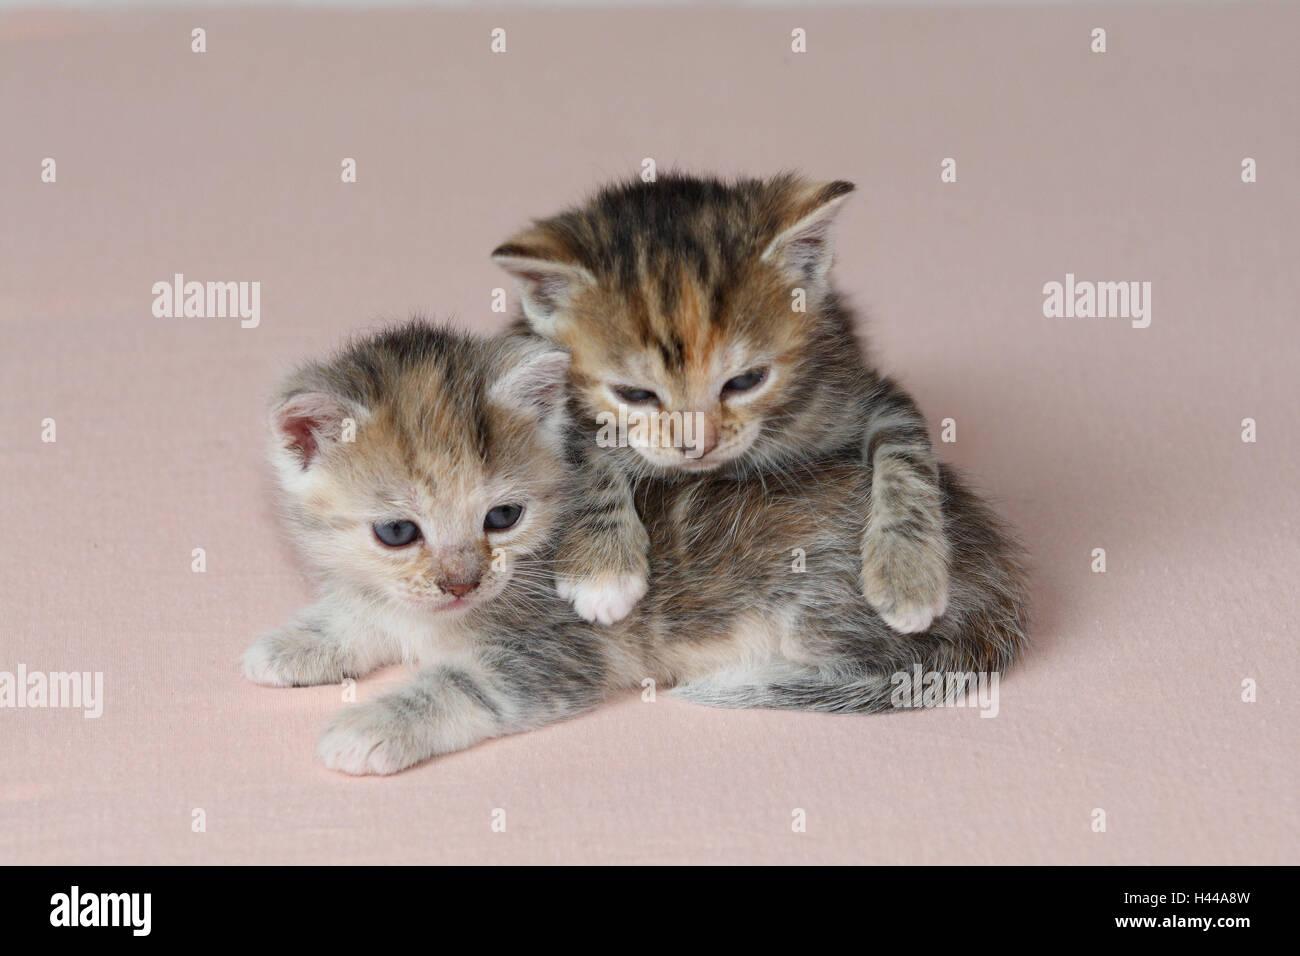 Katzen, junge, liegen, gemeinsam, müde, Bett, Säugetiere, Haustiere, Tiere, kleine Katzen, Felidae, zähmt, Haus Katze, Jungtier, Kätzchen, zwei Geschwister, klein, ungeschickt, unbeholfen, hilflos, süß, kriechen, es kuscheln, gestreift, Liebe, Naht, Zweisamkeit, jungen Tieren, tierischen Baby innen, Stockfoto